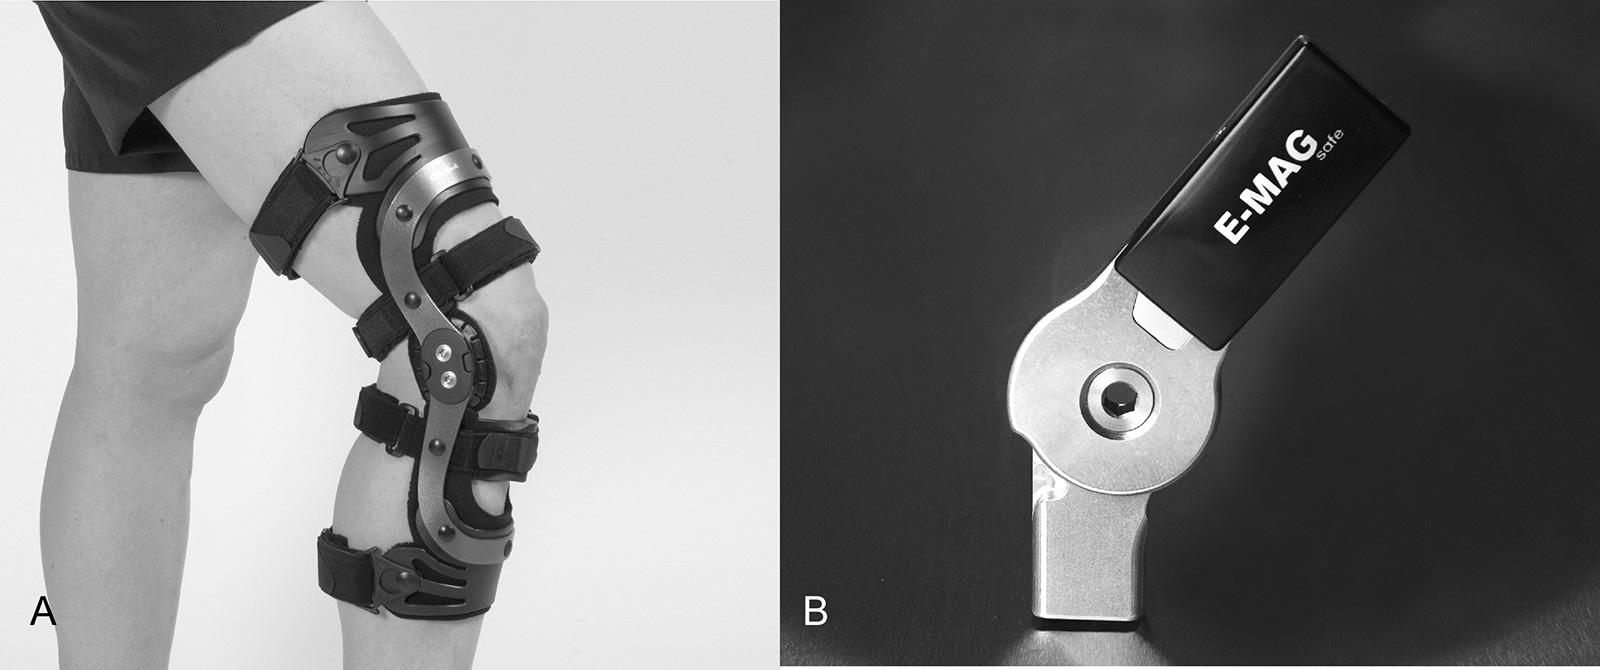 """Abb. 10-4: Genu Arexa Knieorthese (A): mit """"click to go"""" Anpassung der erforderlichen Bewegungslimitierung. E-MAG Control (B): Kombination aus Mechanik und Elektronik, die Sperrfunktion des Orthesenkniegelenks wird über eine drahtlose Fernbedienung gesteu"""